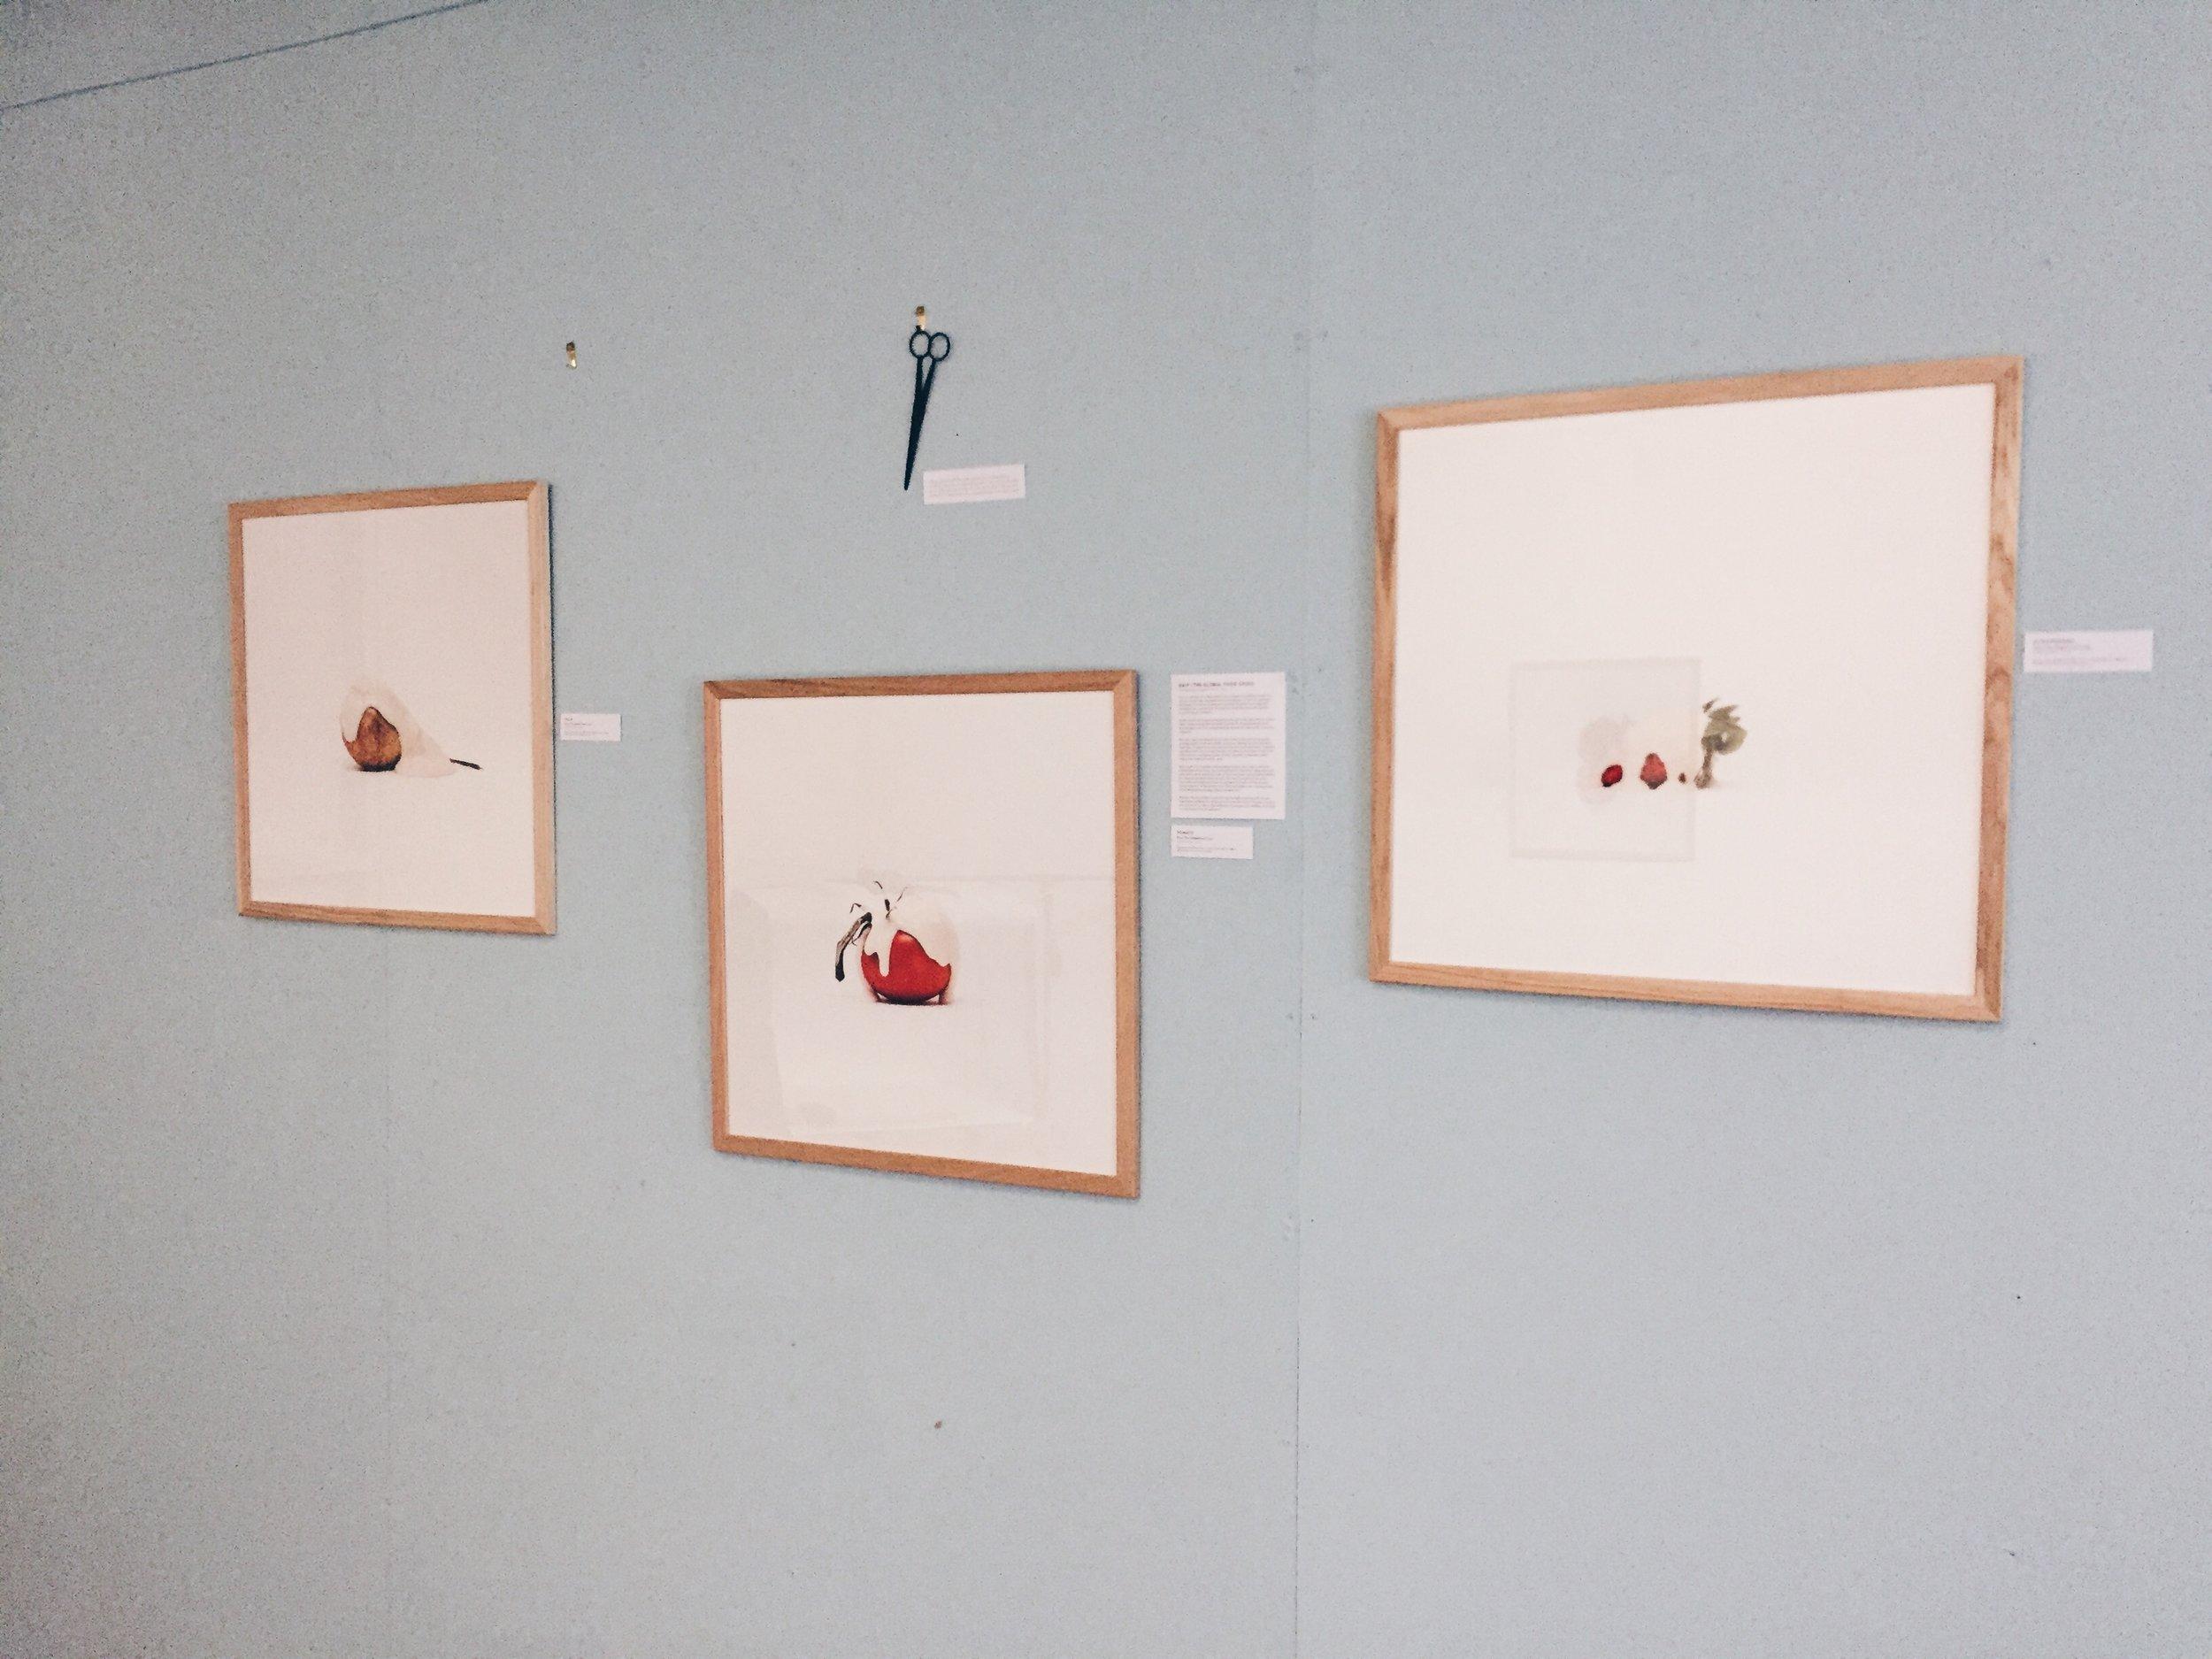 framed-artowrks-charlotte-fosdike.jpg